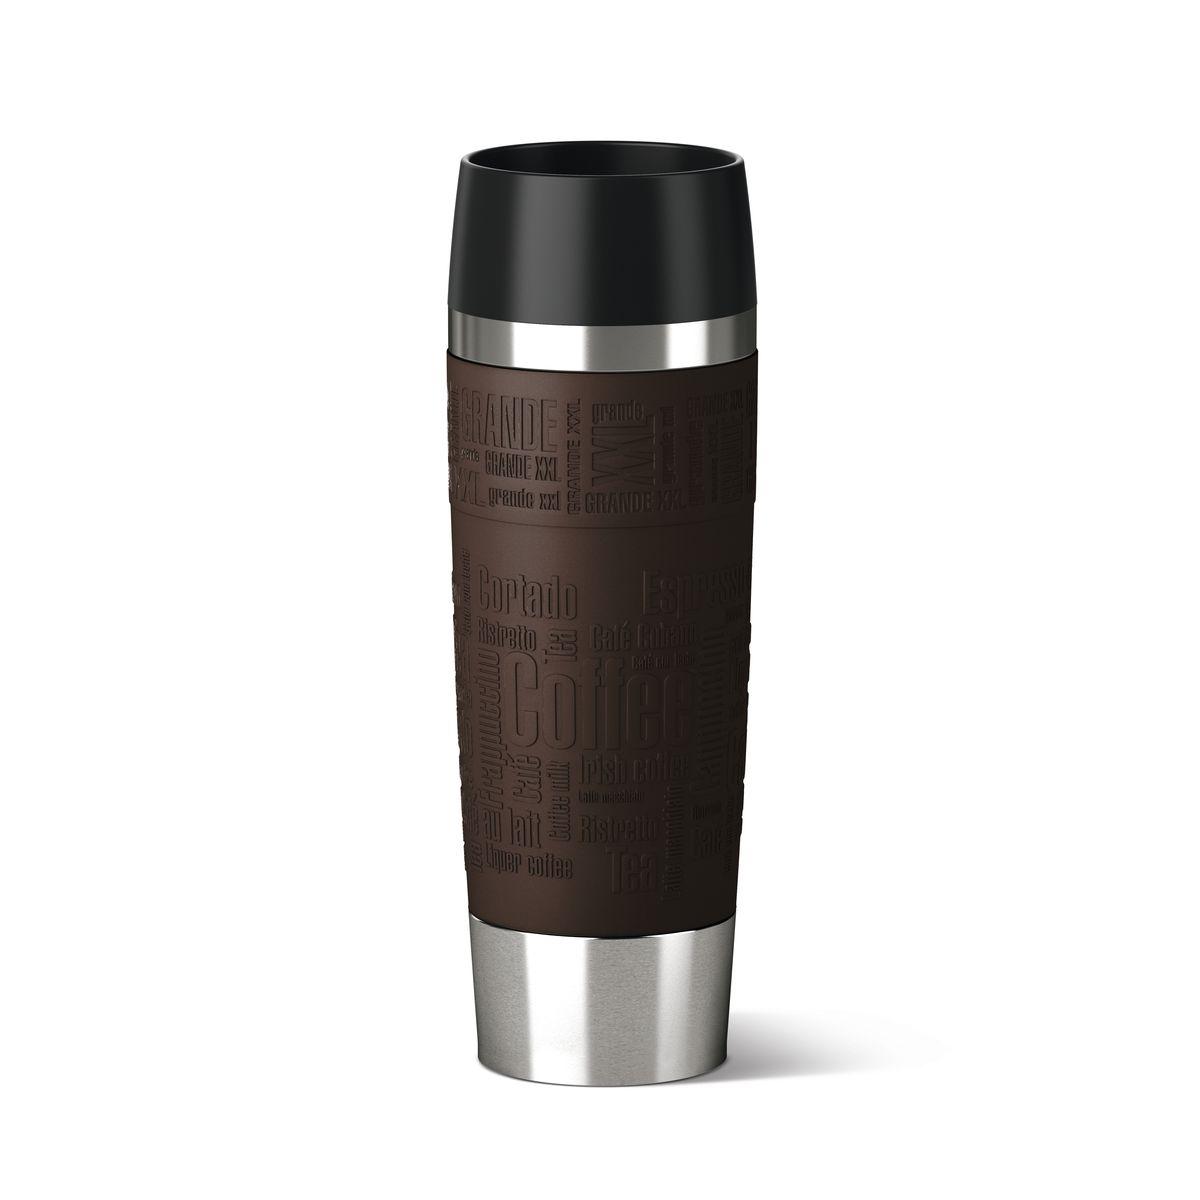 Термокружка Emsa Travel Mug Grande, цвет: коричневый, стальной, 500 мл1869042Термокружка Emsa Travel Mug Grande - это идеальный попутчик в дороге - не важно, по пути ли на работу, в школу или во время похода по магазинам. Вакуумная кружка на 100 % герметична. Кружка имеет двустенную вакуумную колбу из нержавеющей стали, благодаря чему температура жидкости сохраняется долгое время. Кружку удобно держать благодаря покрытию Soft Touch из силикона. Изделие открывается нажатием кнопки. Пробка разбирается и превосходно моется. Дно кружки выполнено из силикона, что препятствует скольжению.Диаметр кружки по верхнему краю: 7,5 см.Диаметр дна кружки: 6,5 см.Высота кружки: 24 см.Сохранение холодной температуры: 12 ч.Сохранение горячей температуры: 6 ч.